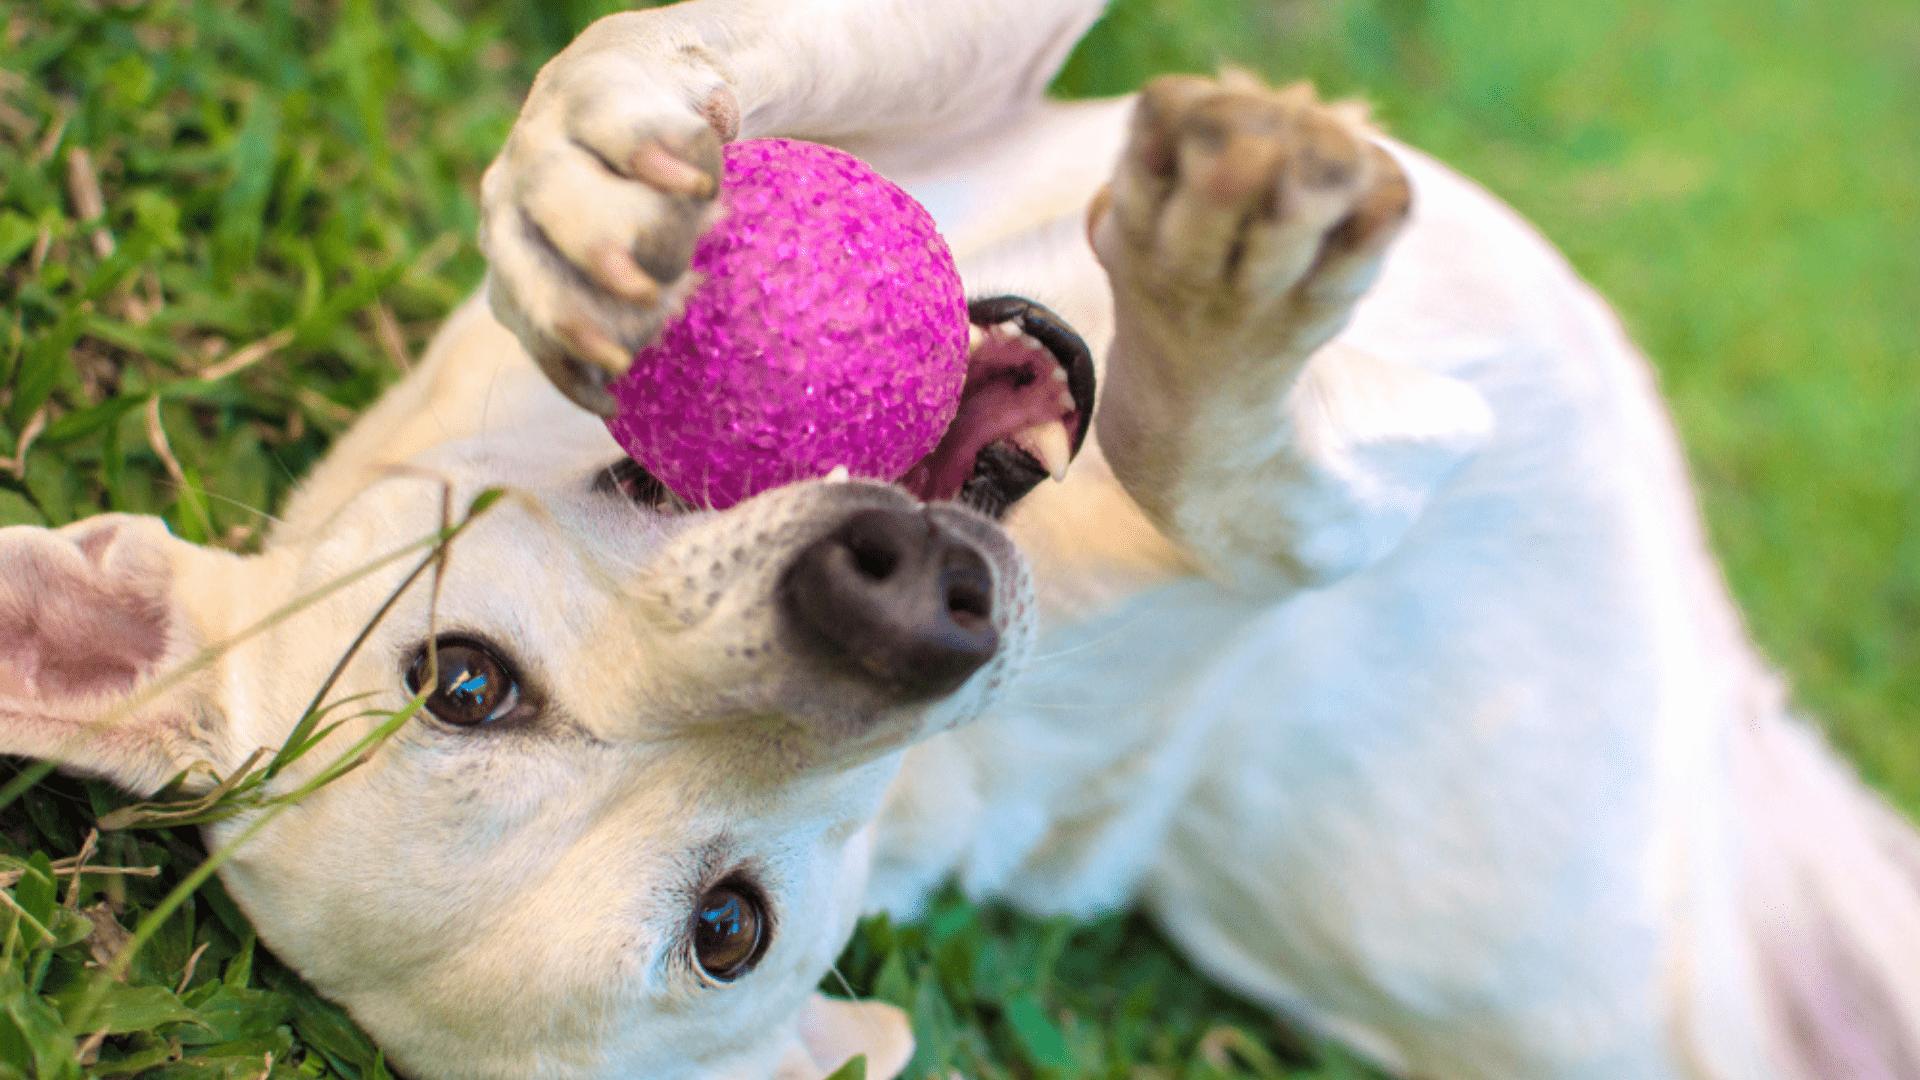 A bolinha para cachorro é um dos brinquedos que os pets mais gostam (Reprodução/Shutterstock)